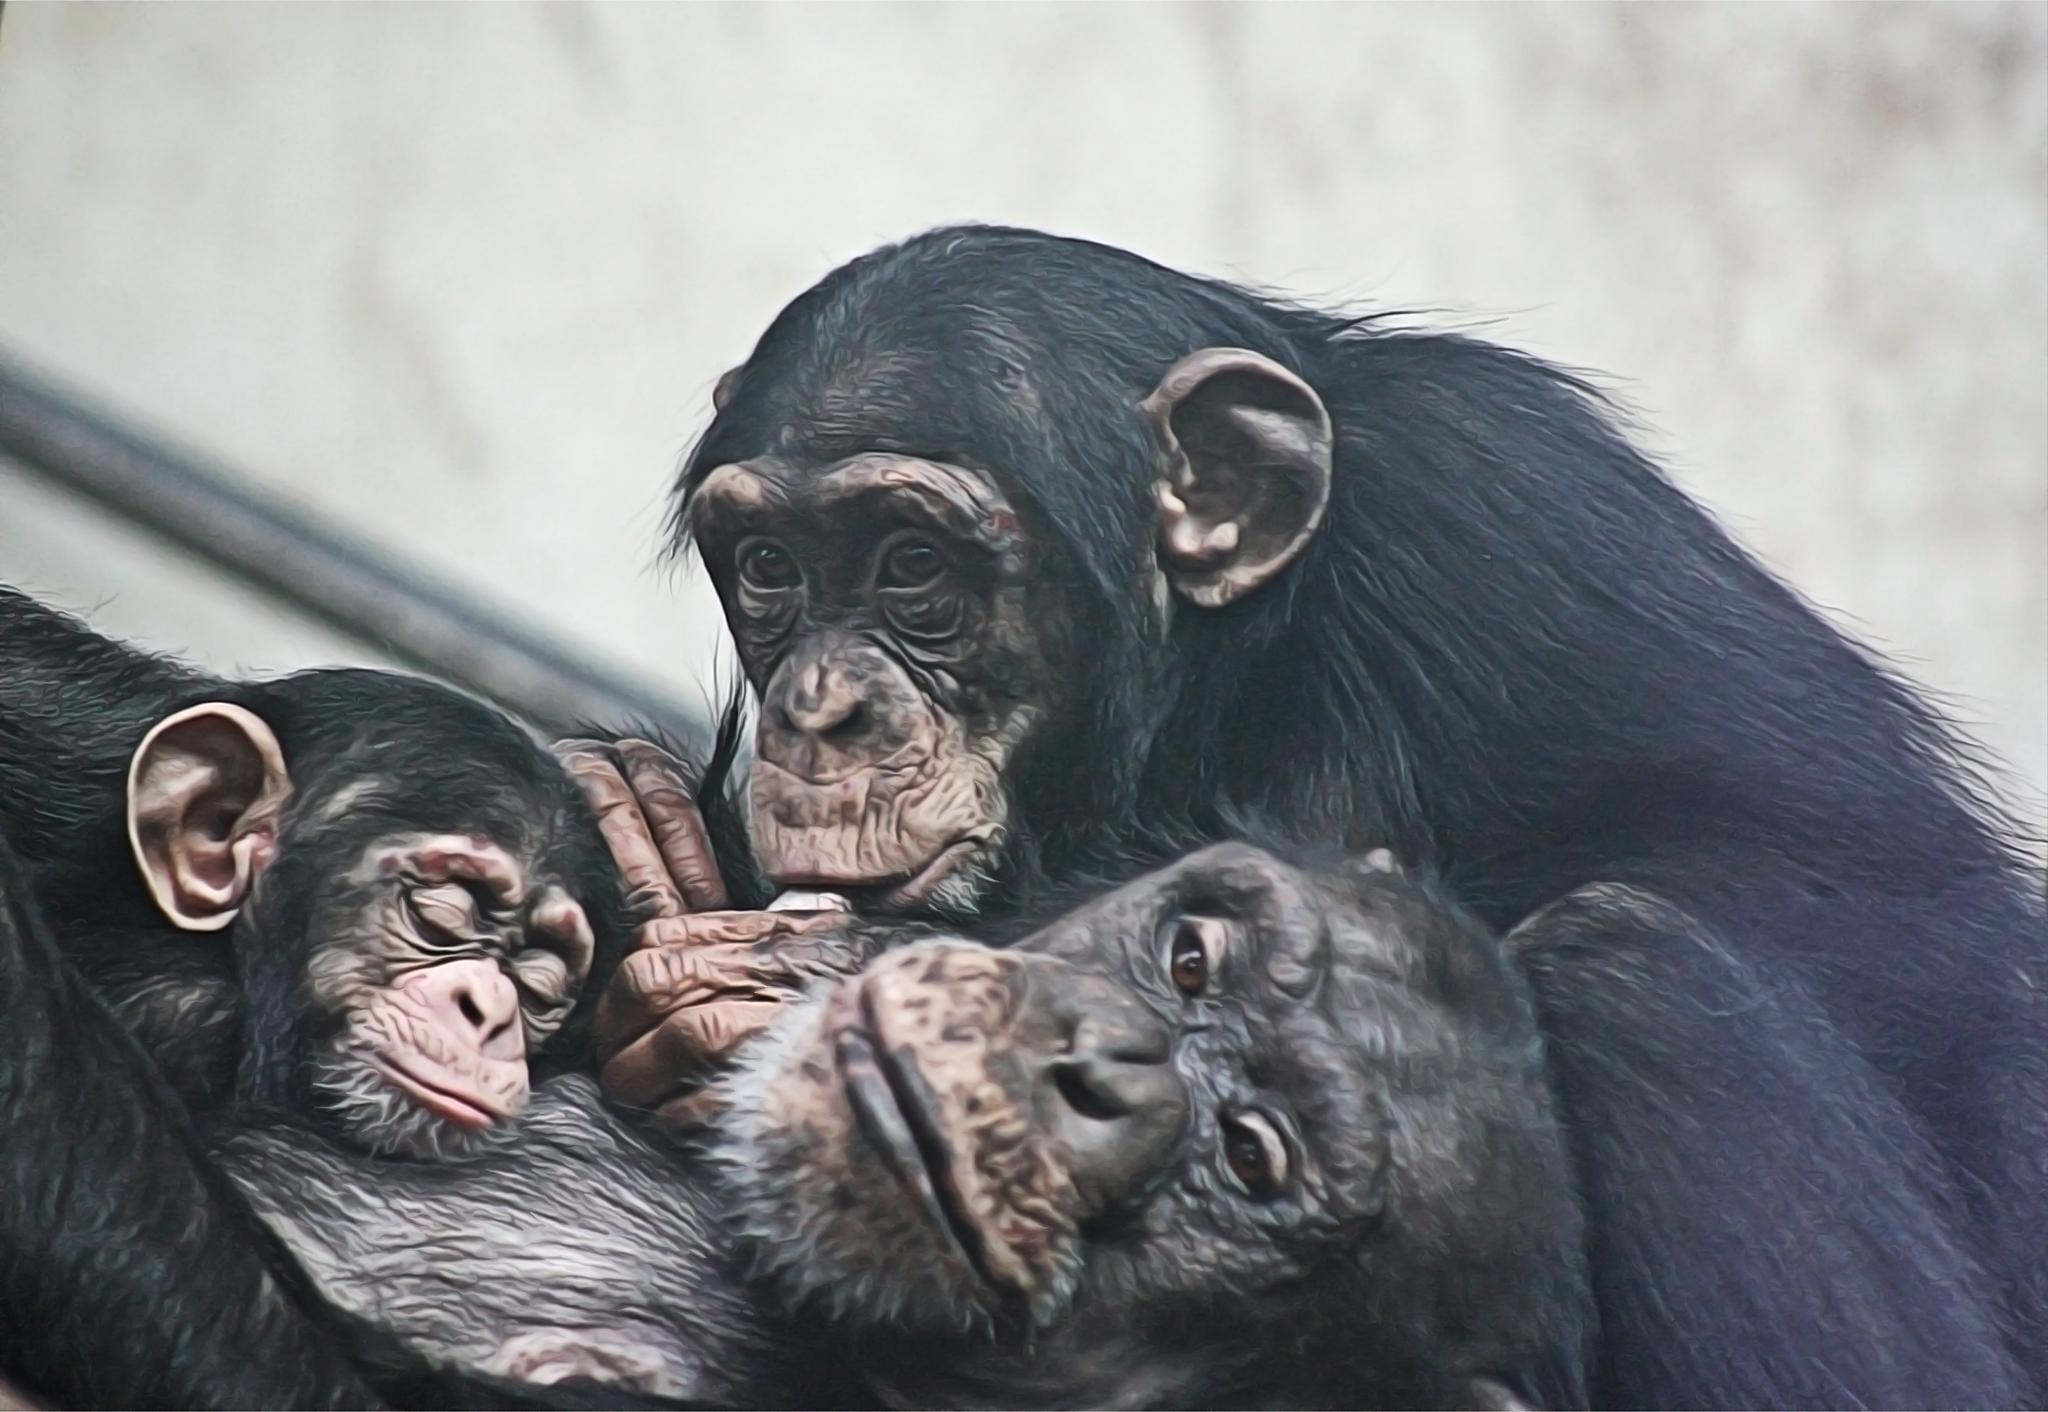 Chimpanzees by Henrik T. Sørensen